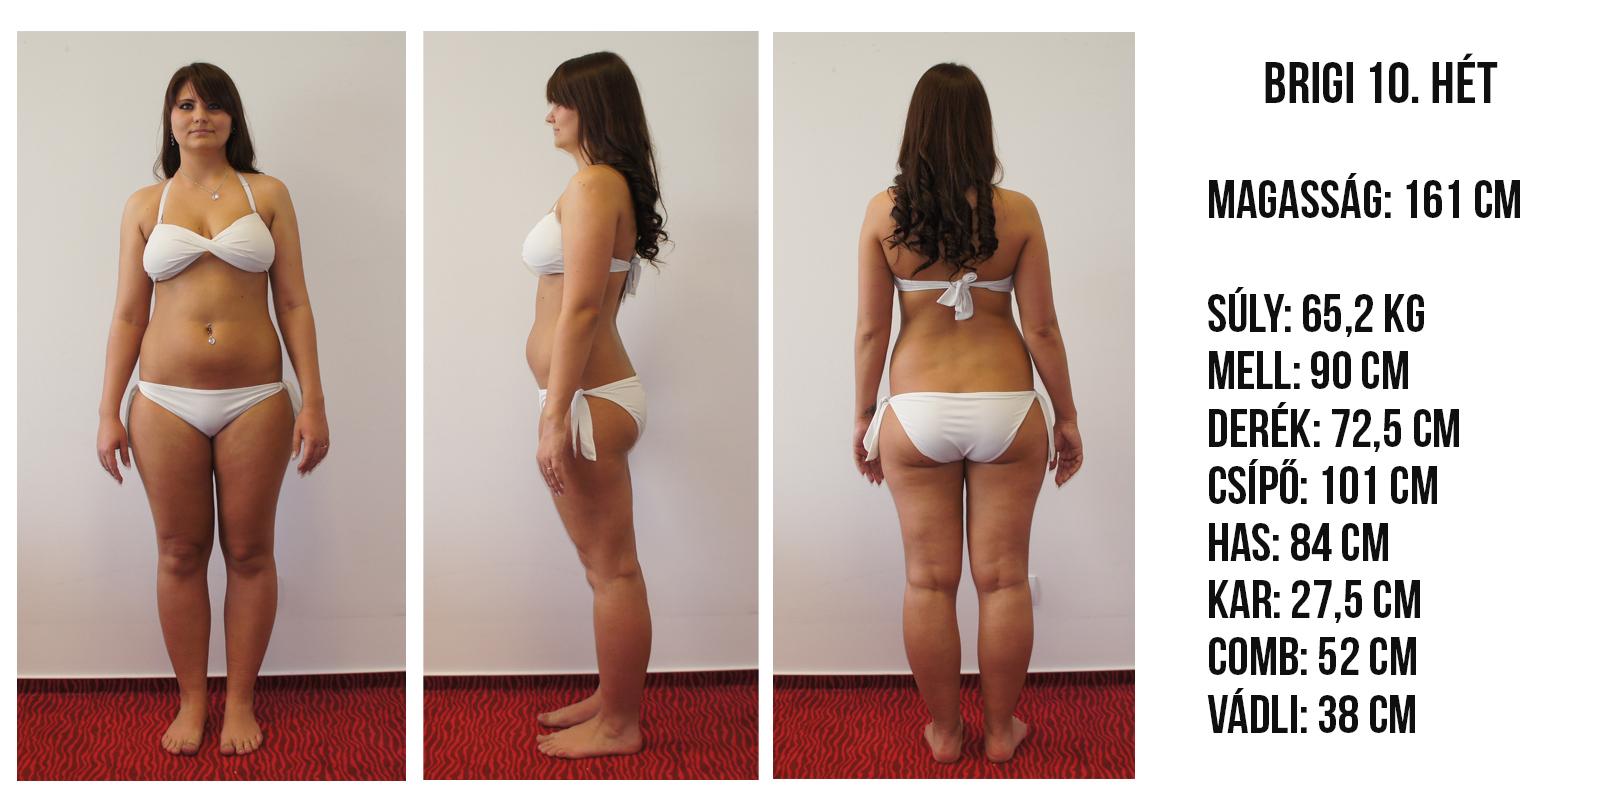 10 kg súlycsökkenés 10 hét alatt